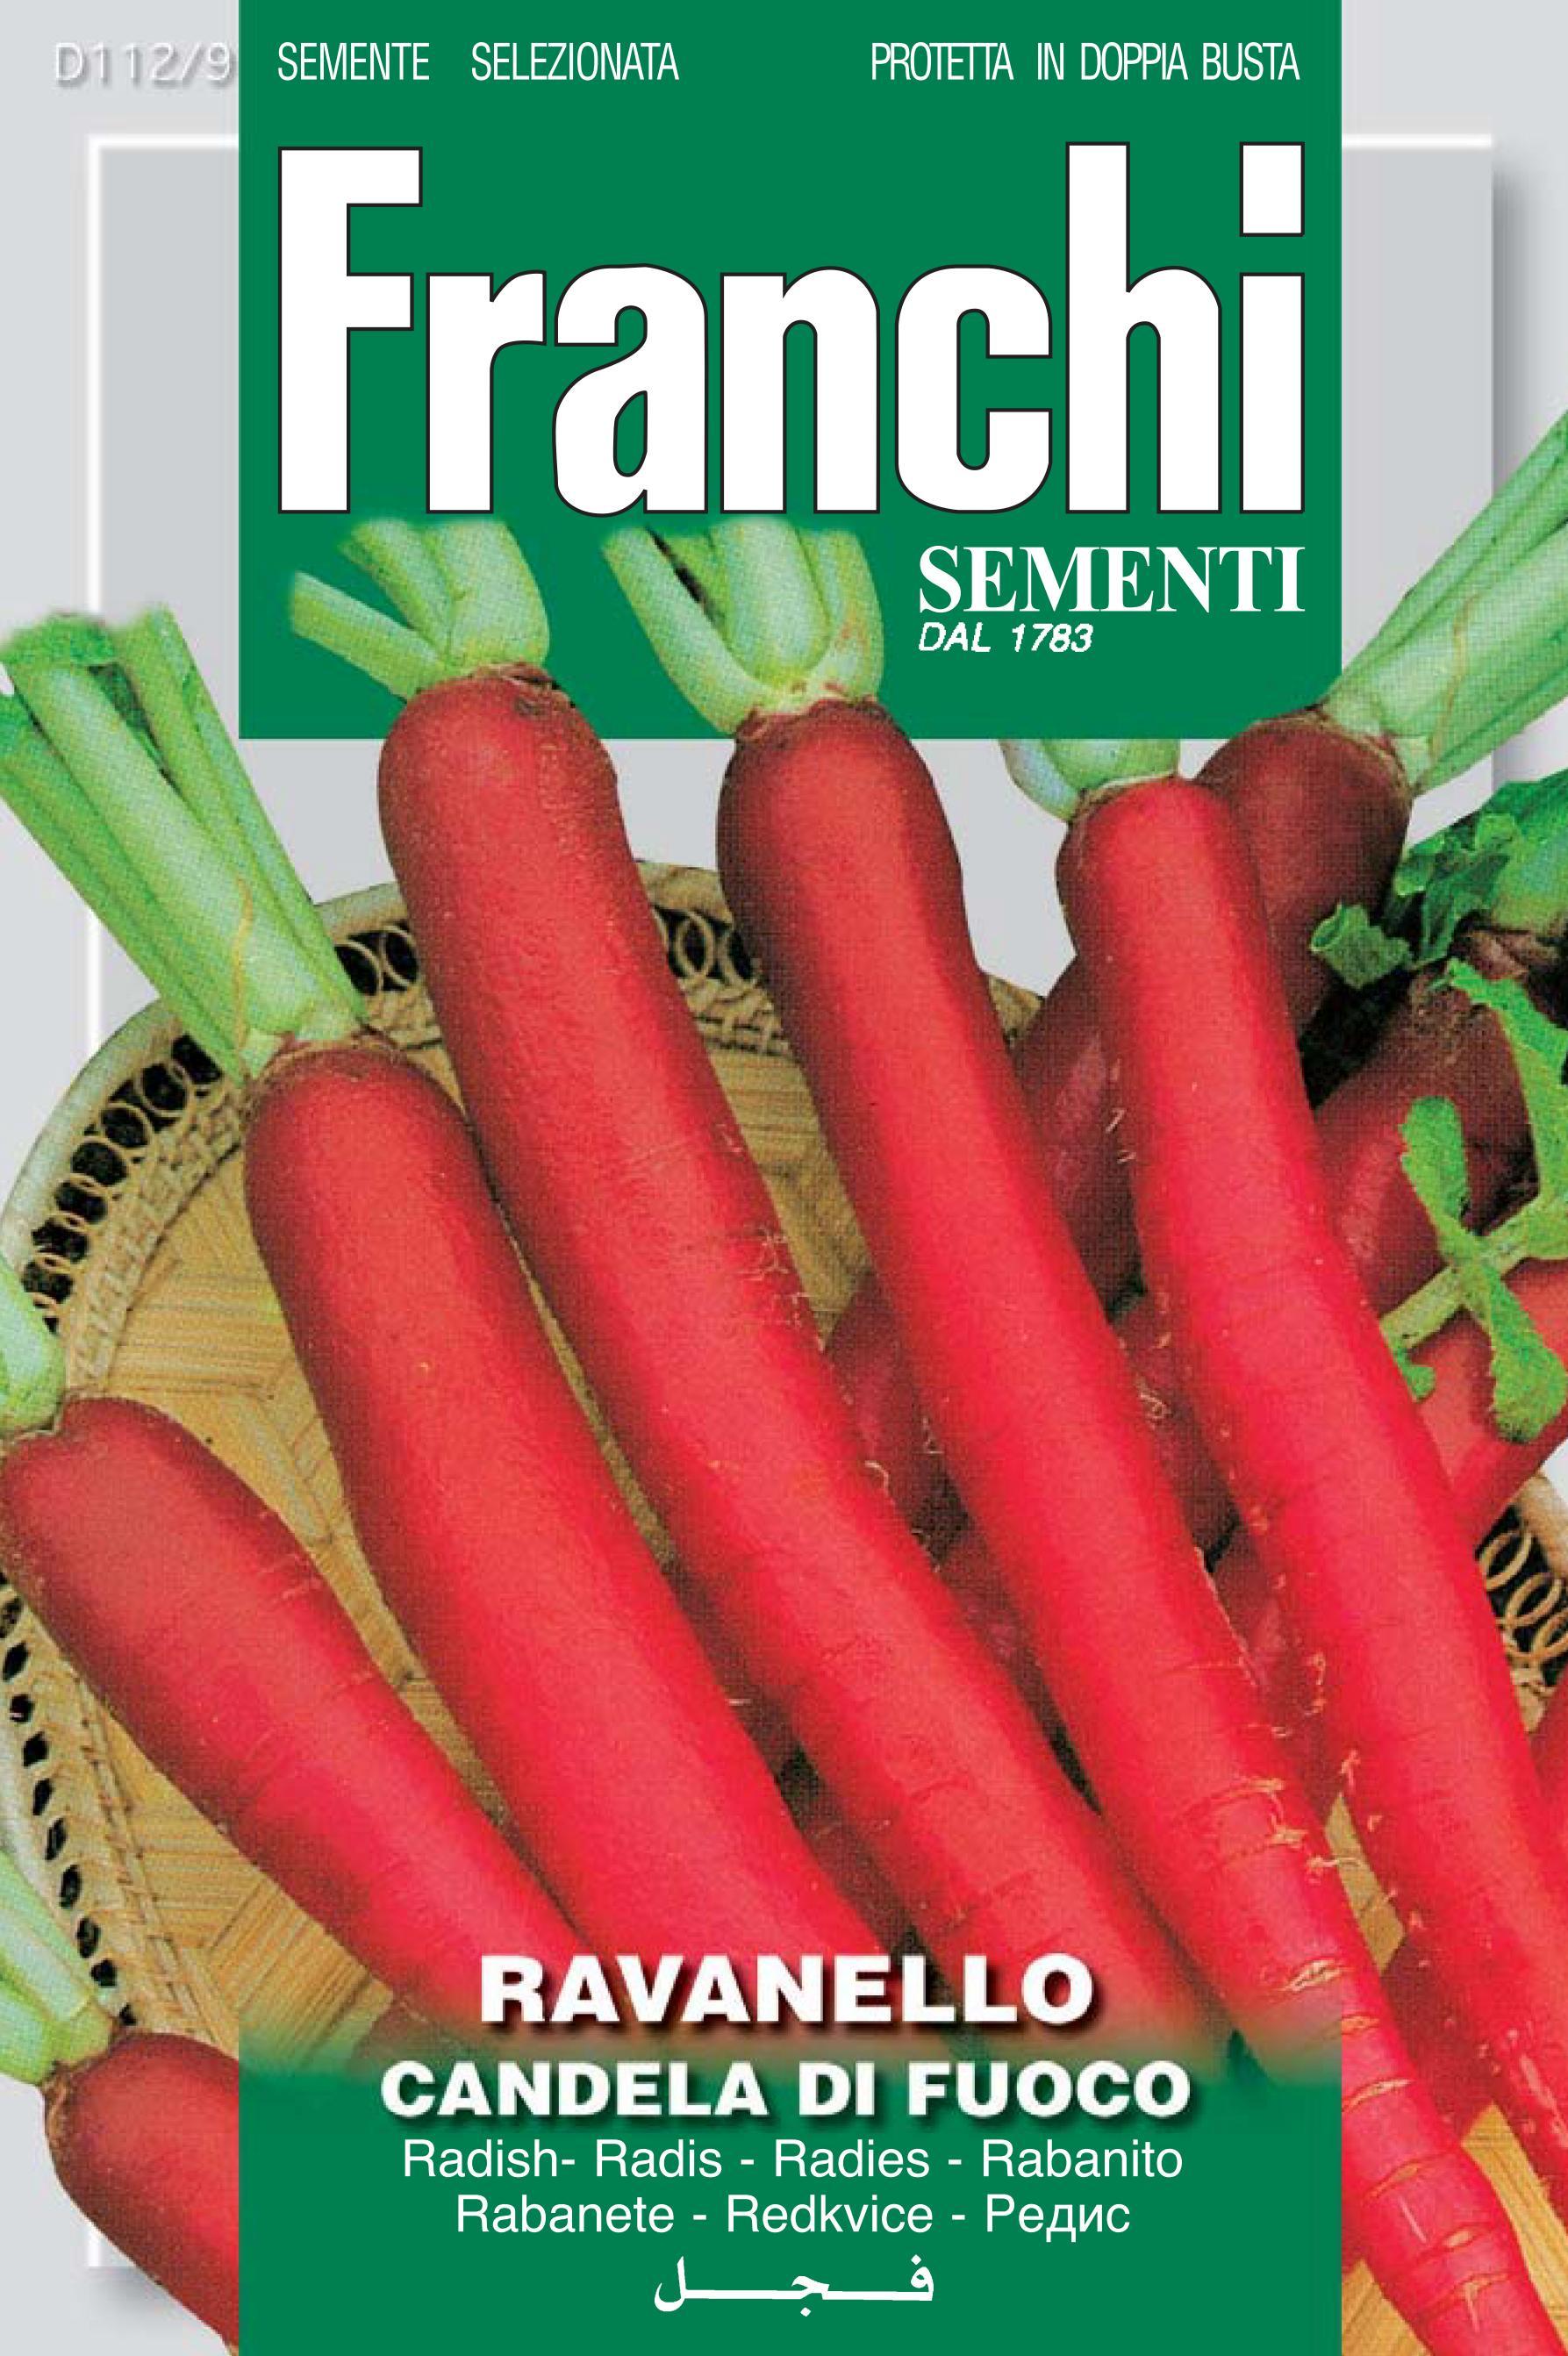 Radish Candela Di Fuoco save 46p Franchi Leben brand